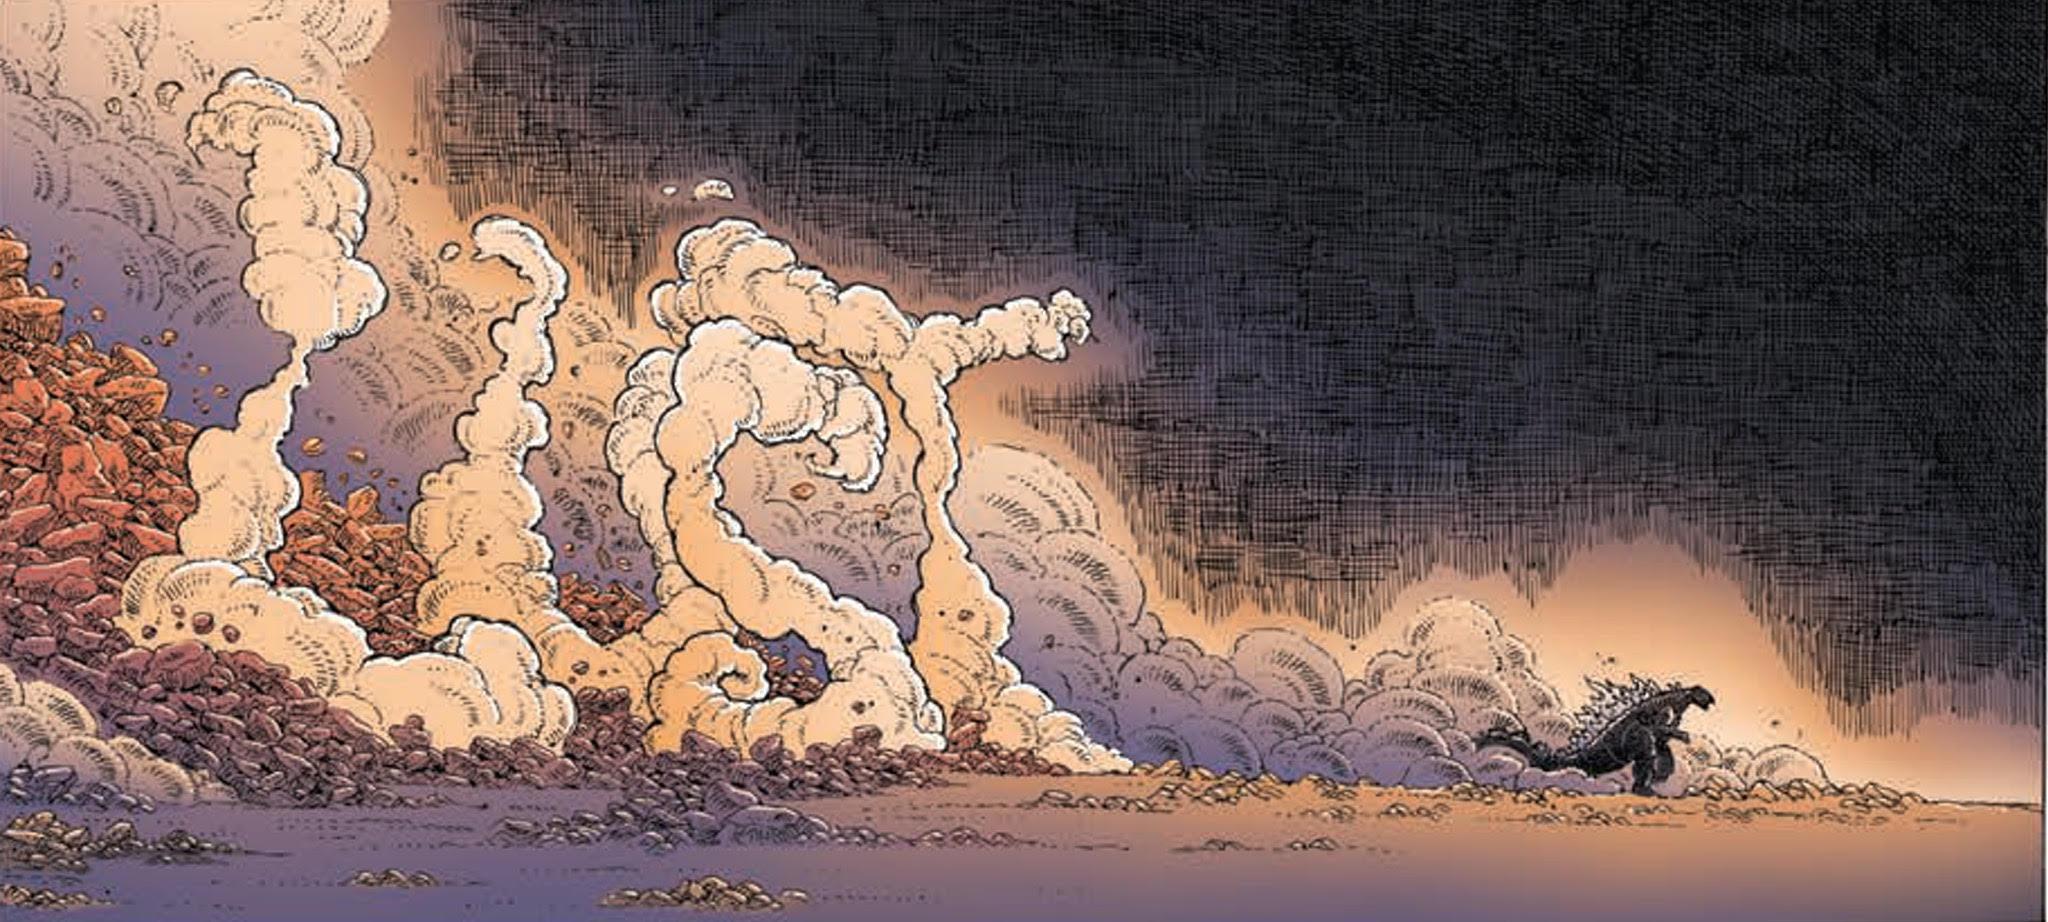 FF - Godzilla in Hell #1